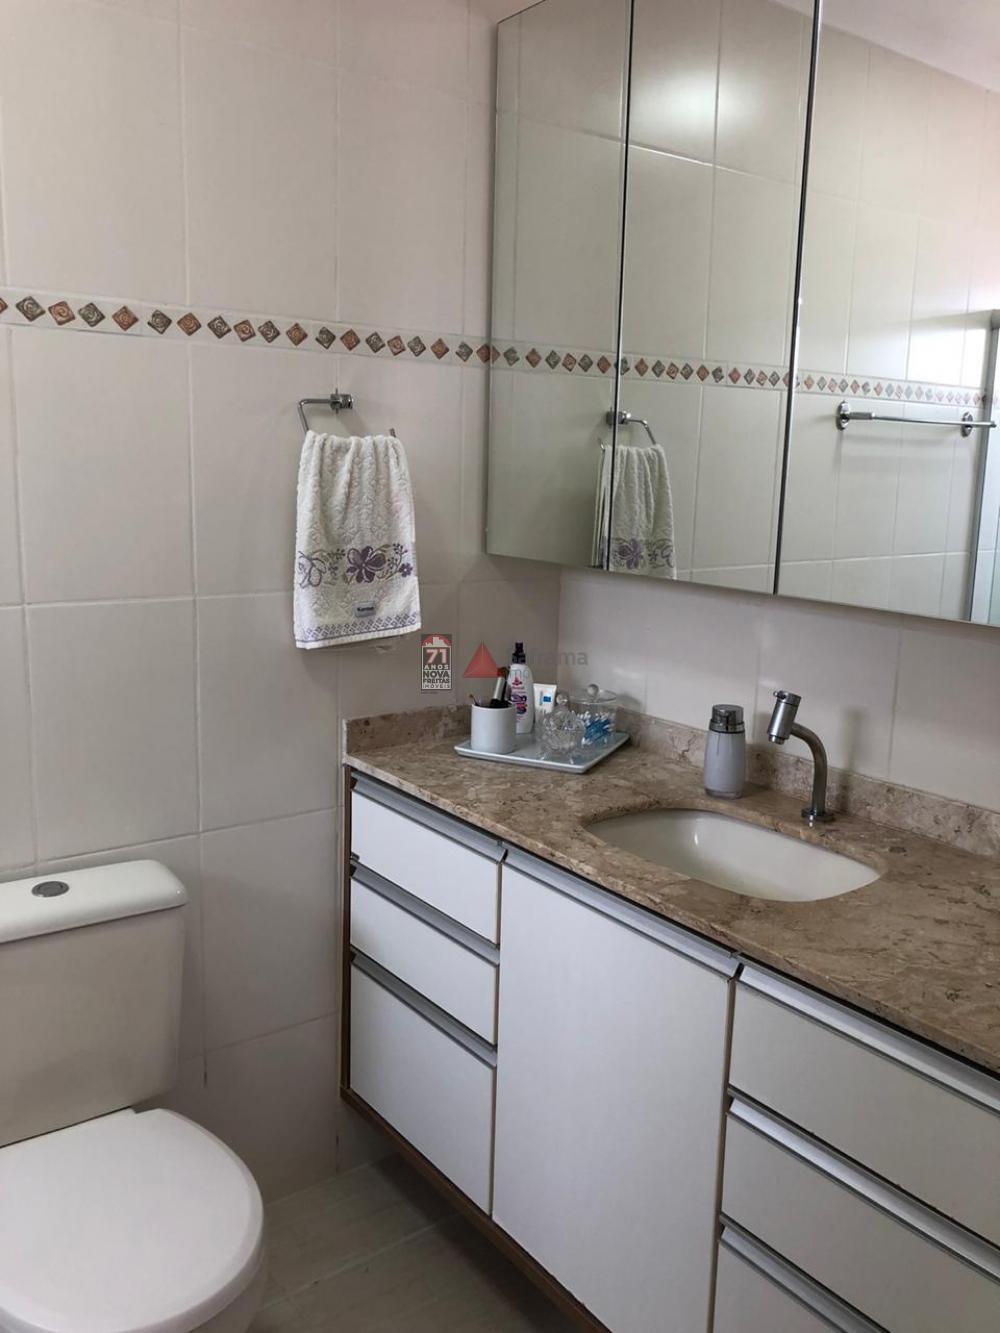 Comprar Apartamento / Padrão em São José dos Campos apenas R$ 560.000,00 - Foto 9